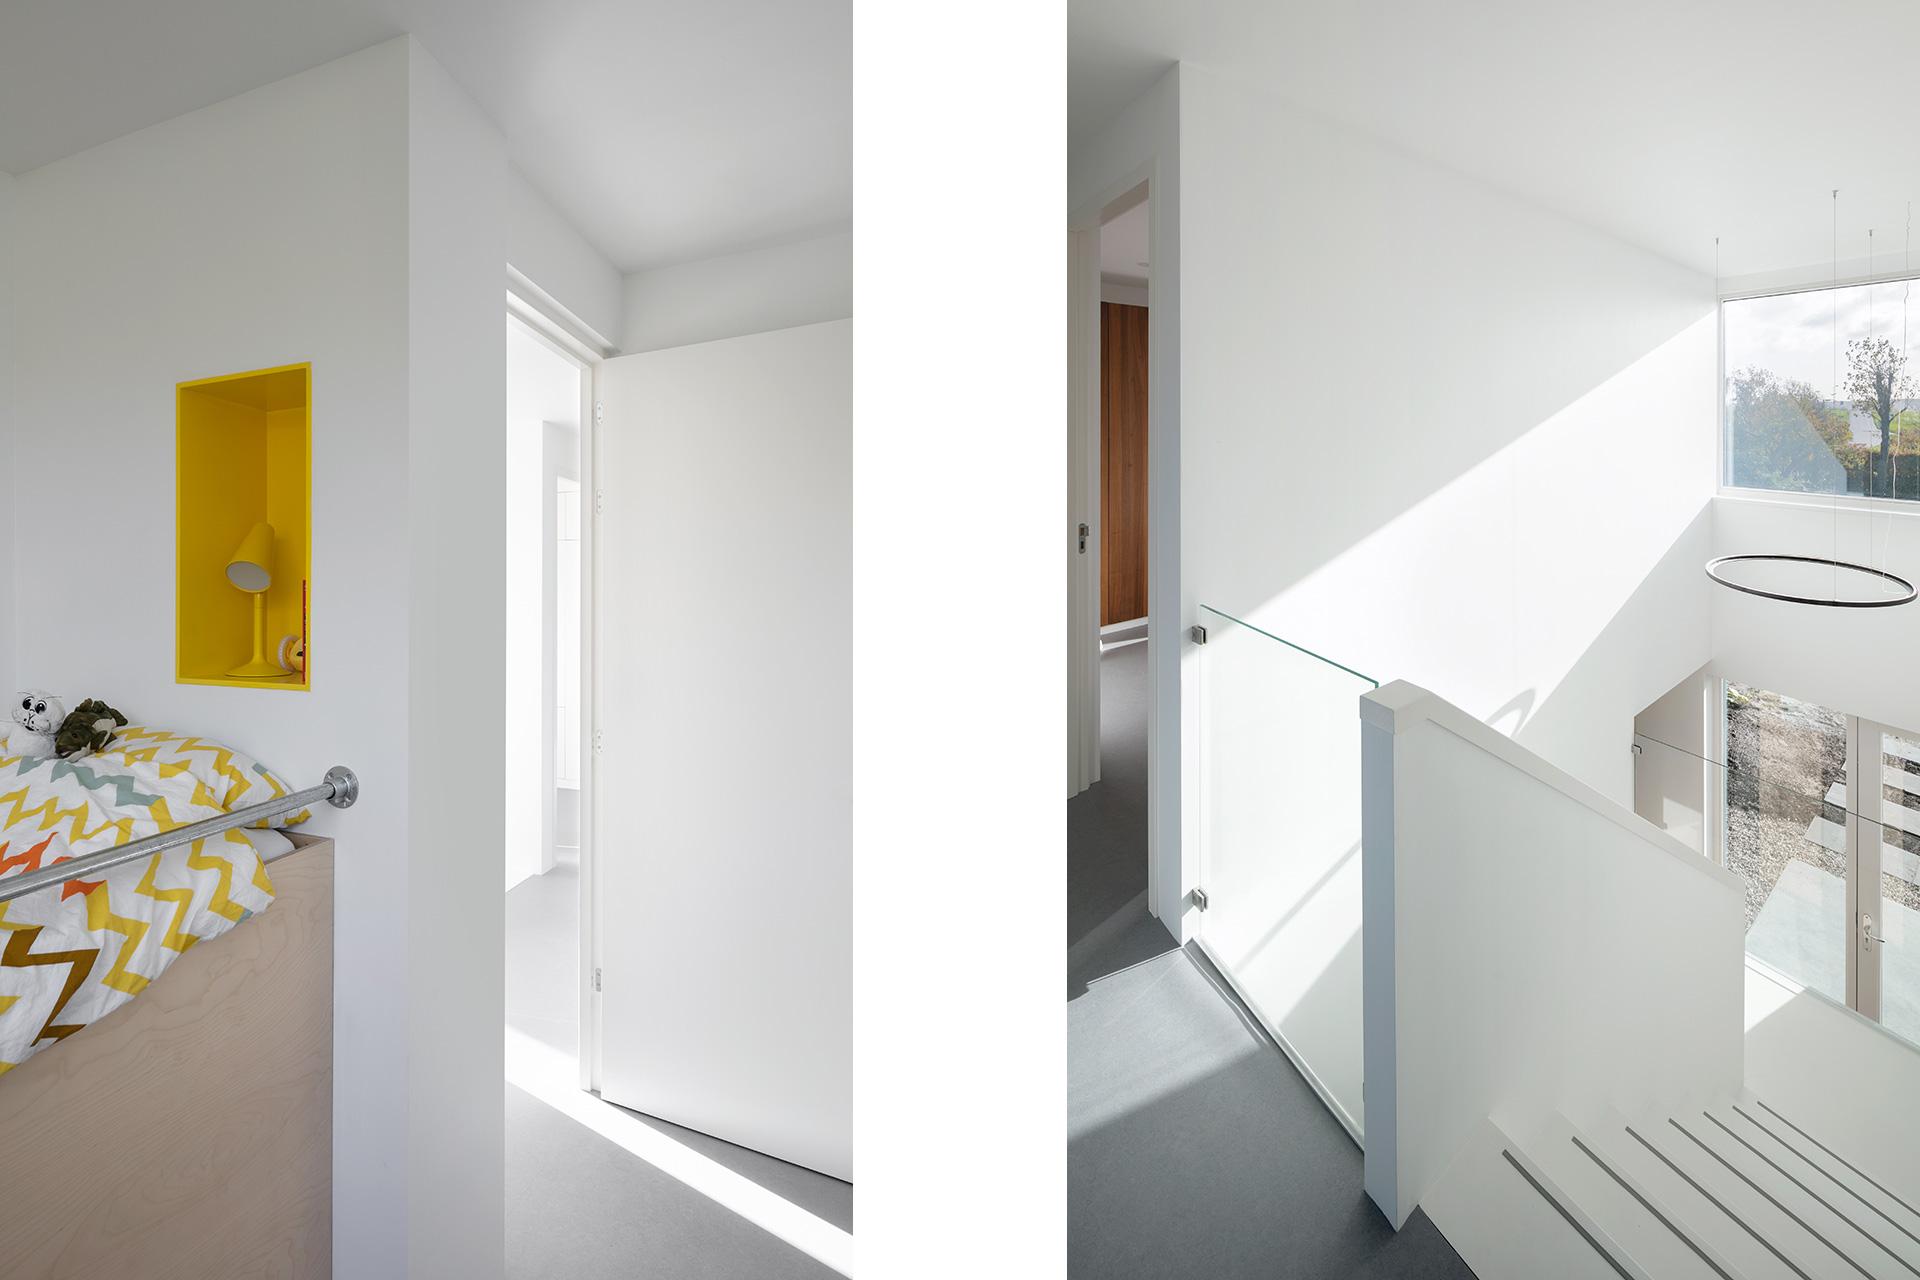 SP2017-Woonhuis-Lent-Architectuurfoto8